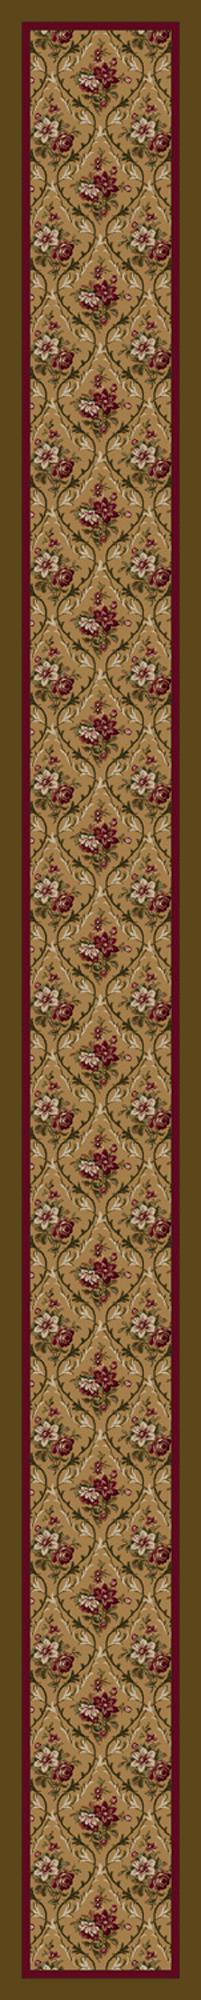 Bouquet Lace-04306 Maize II